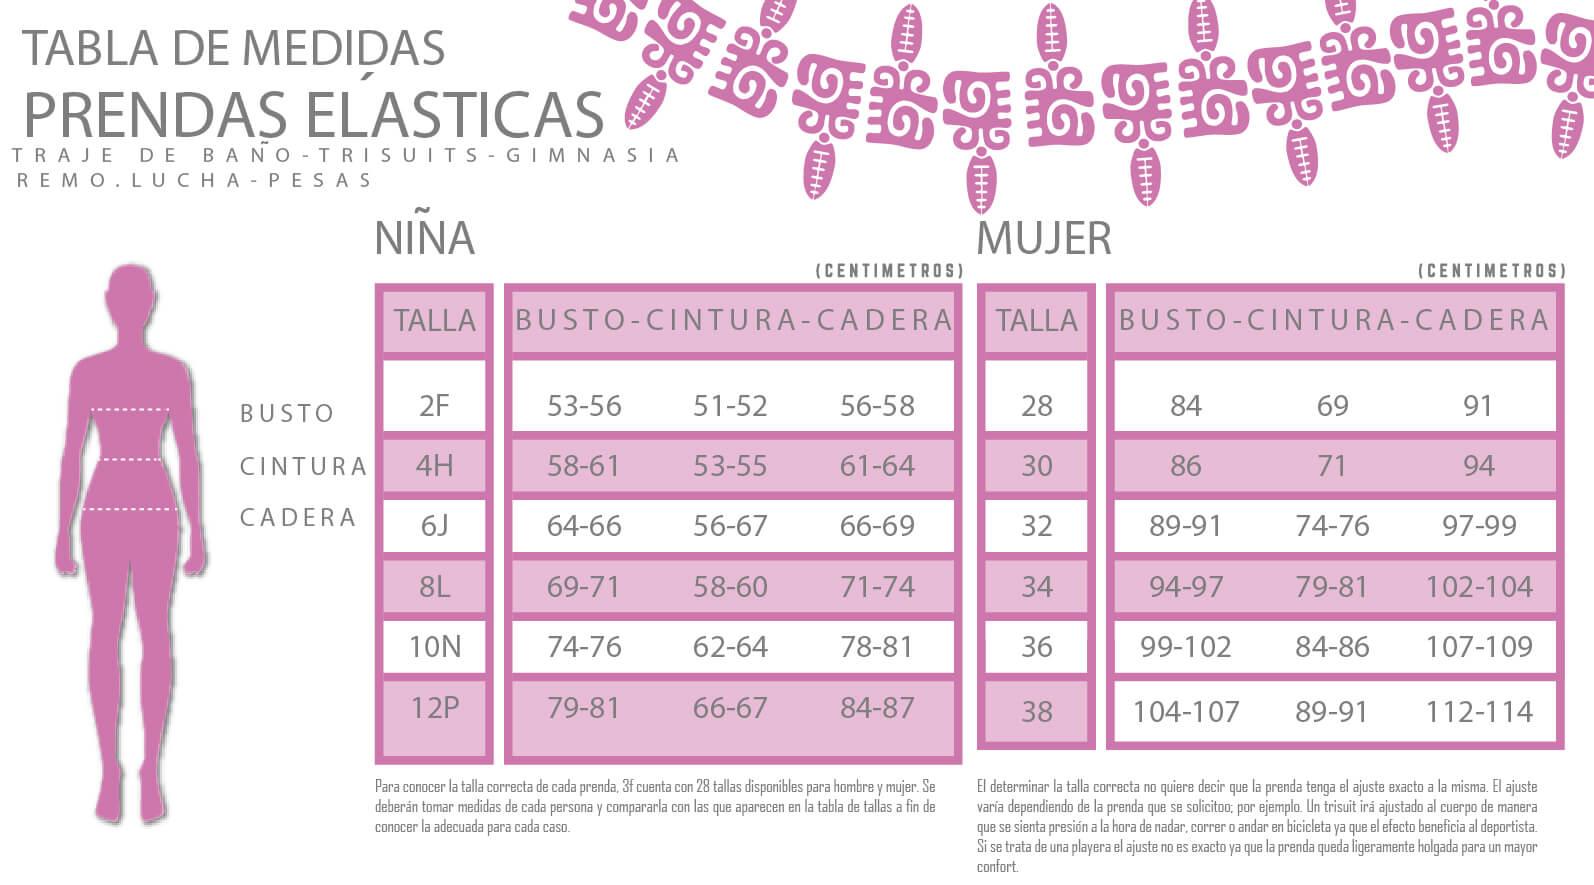 PRENDAS ELÁSTICAS NIÑA/MUJER